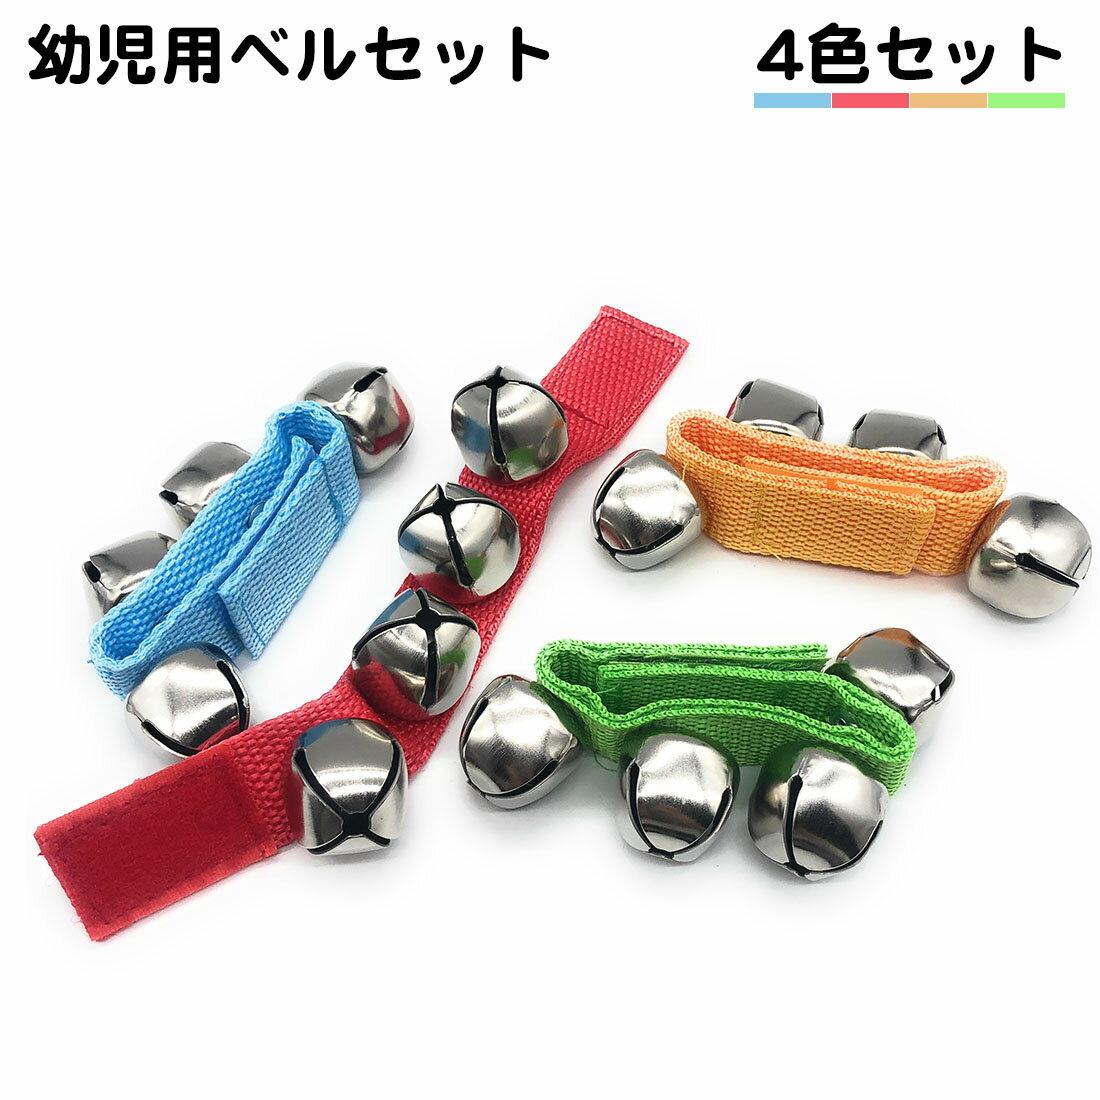 【追跡ゆうパケット送料無料】 4個セット 手首につける鈴 リングベル ハンドベル 赤 青 黄 緑 マジックテープ